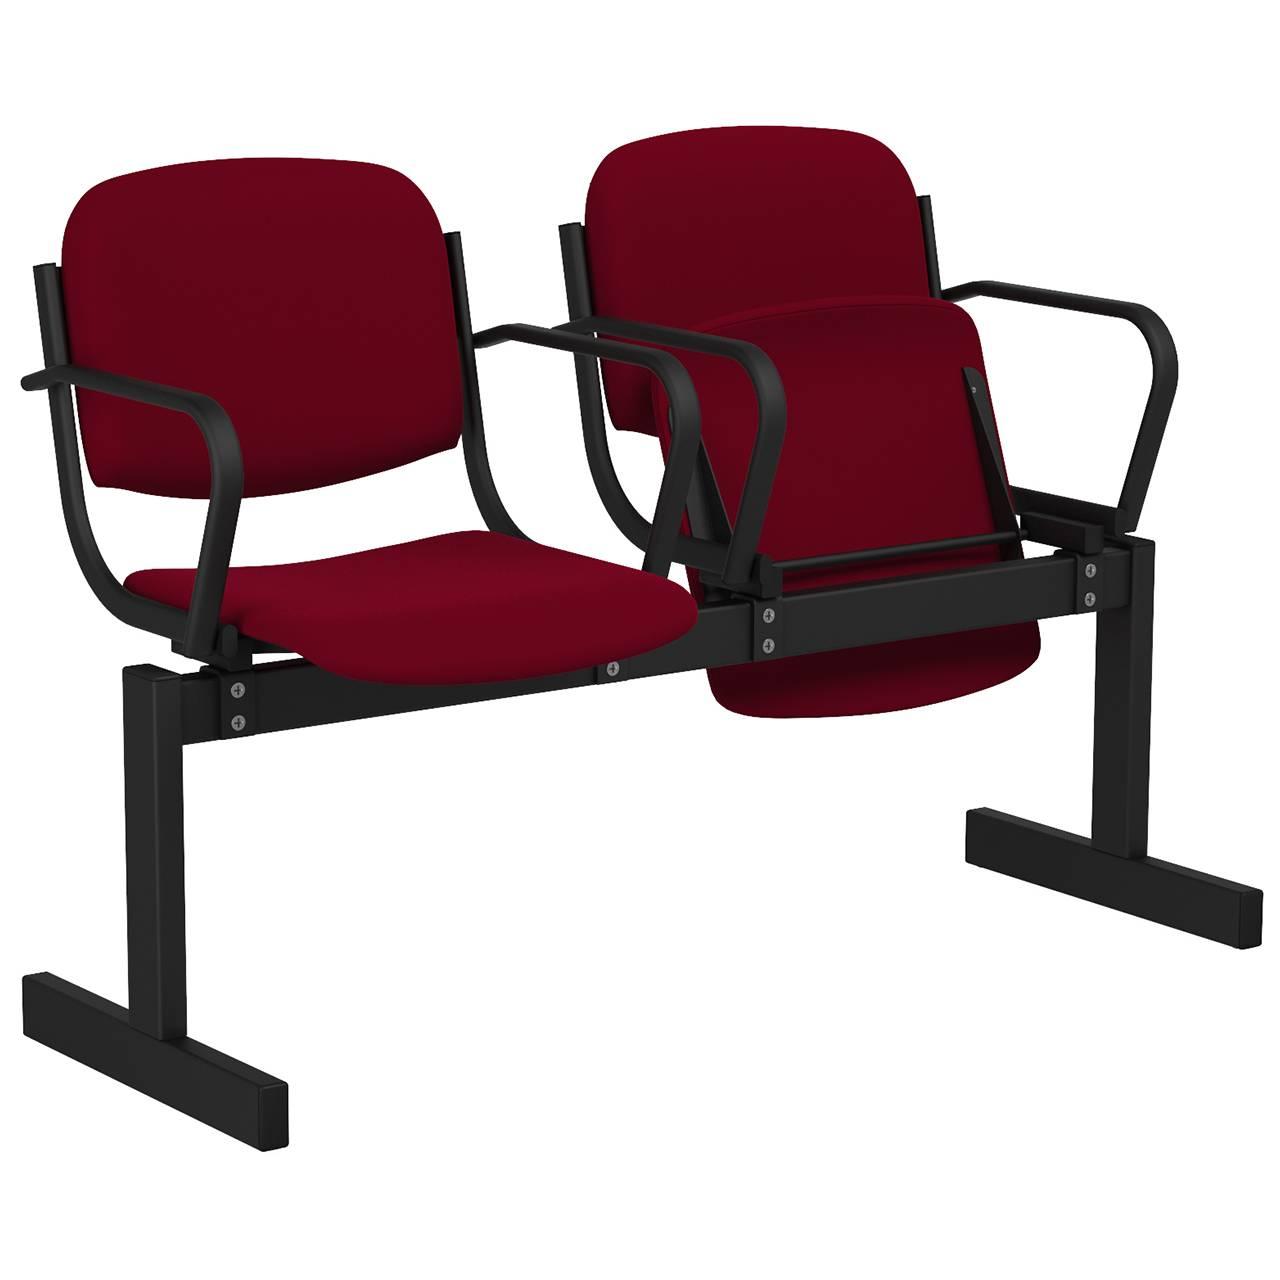 2-местный, откидывающиеся сиденья, мягкий, подлокотники черный бордо Флок